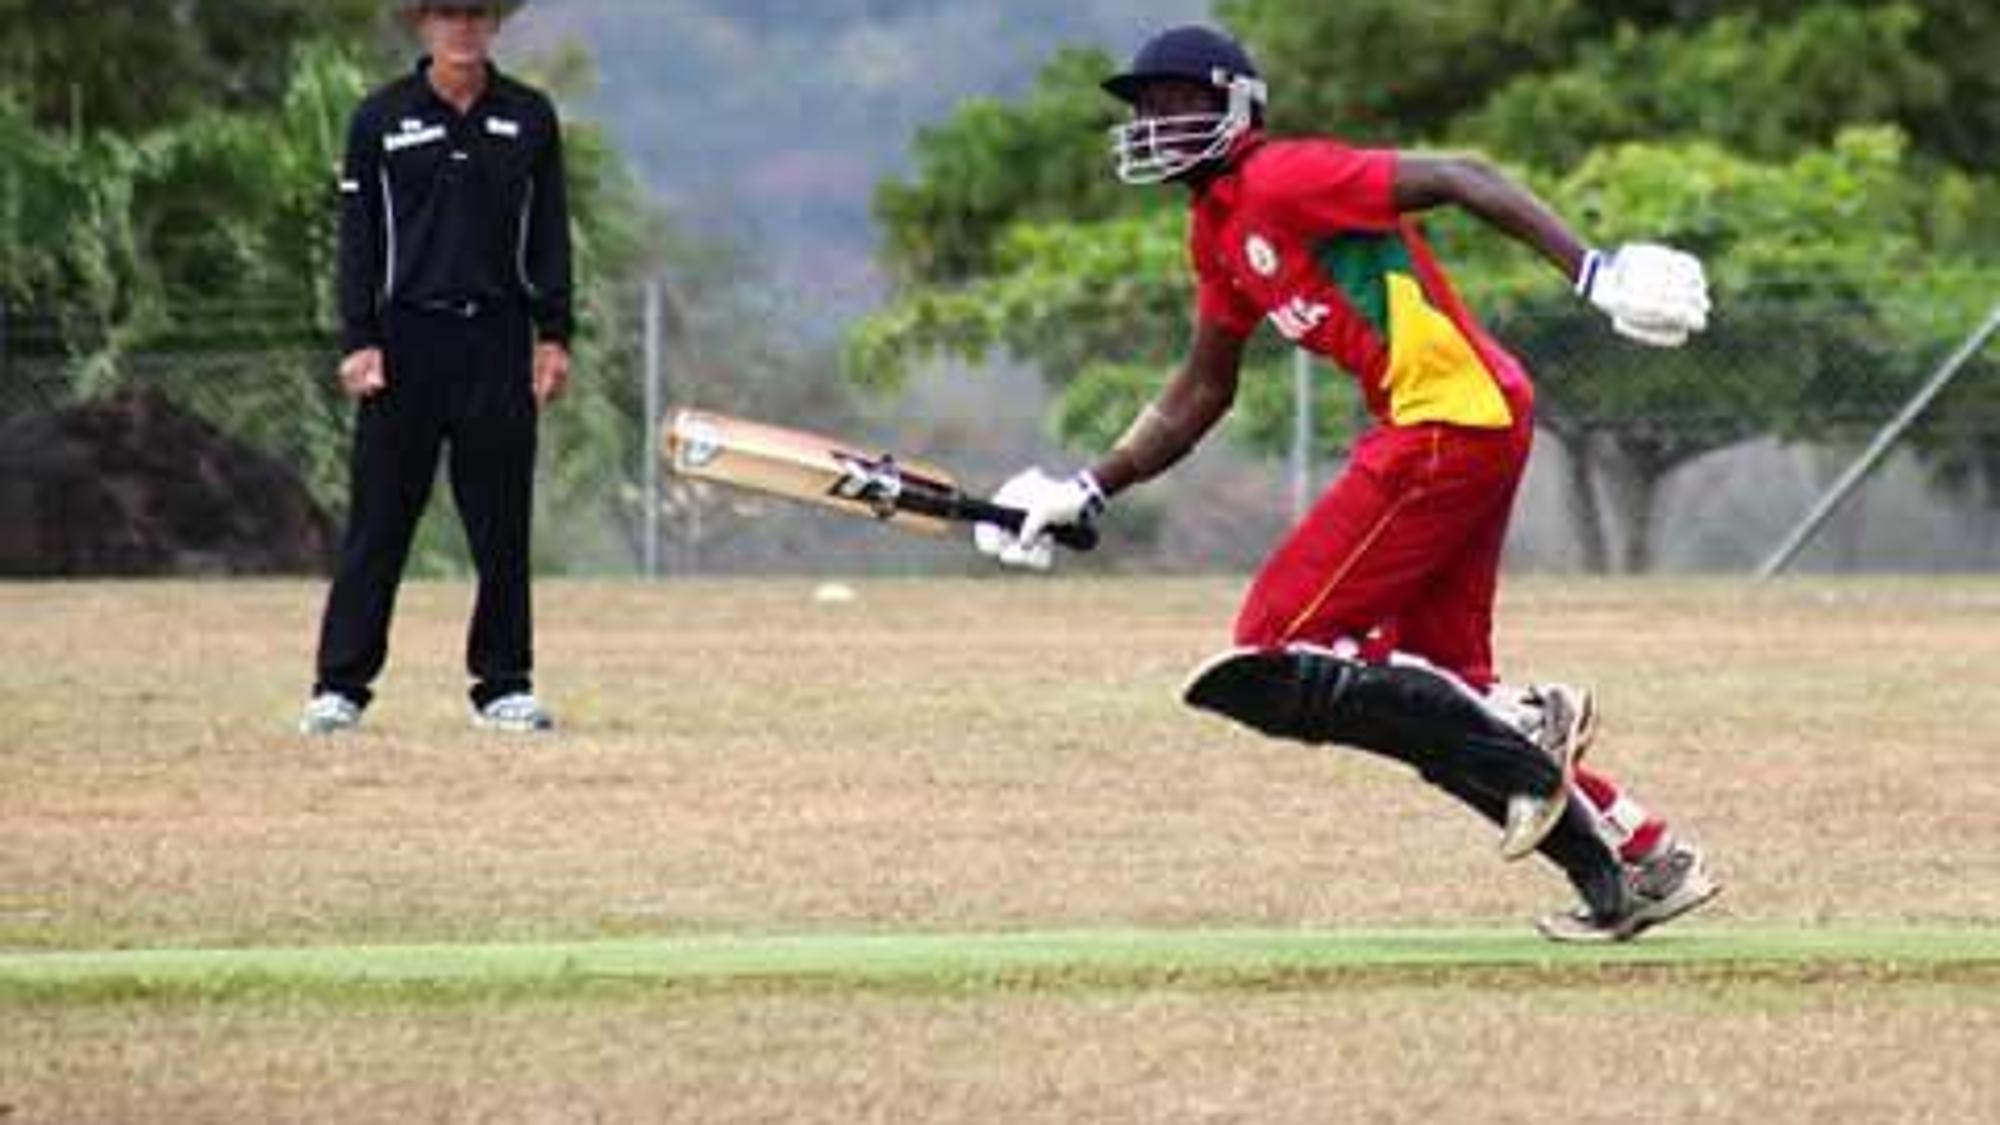 38405 Vanuatu v Ghana at Apia, ICC WCL Division Eight, 22 Sep, 2012